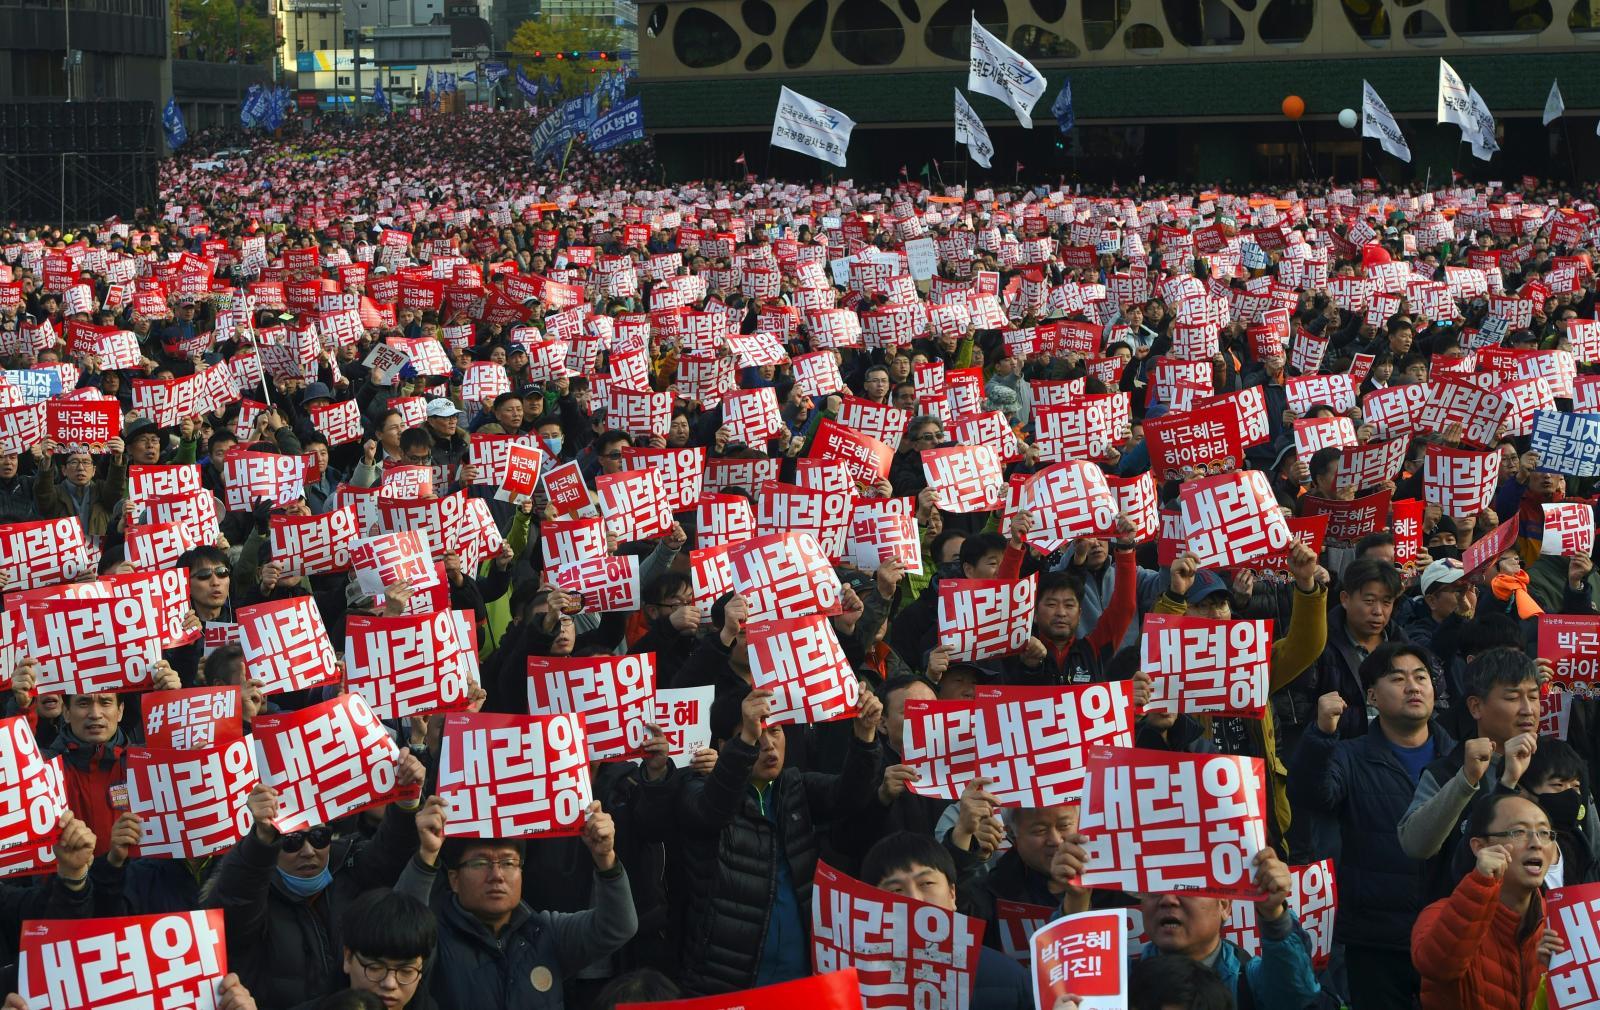 เกาหลีใต้เตรียมสอบผู้บริหารฮุนได-ซัมซุง ปมฉาวการเมือง